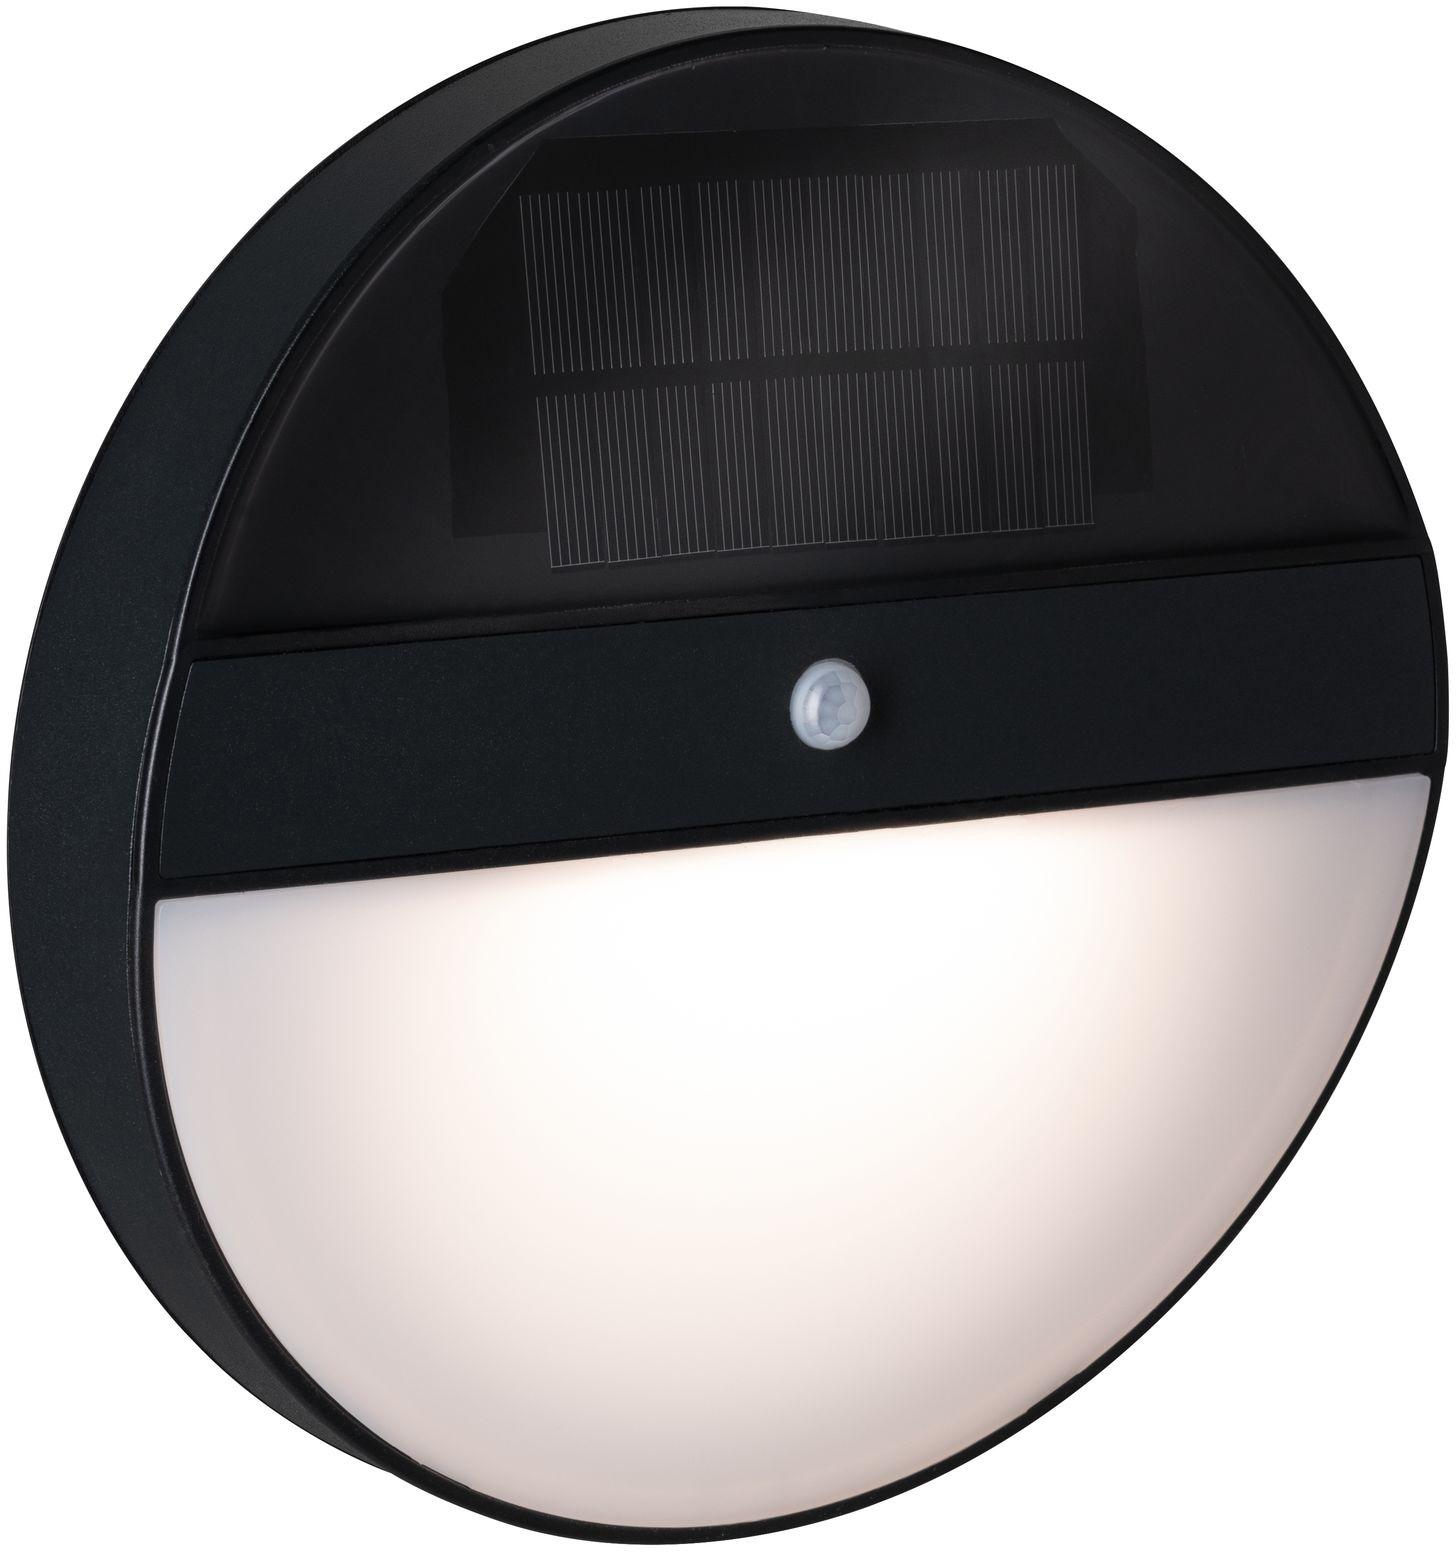 Paulmann LED Außen-Wandleuchte Elois, LED-Board, 1 St., Warmweiß, Solar, mit Bewegungsmelder